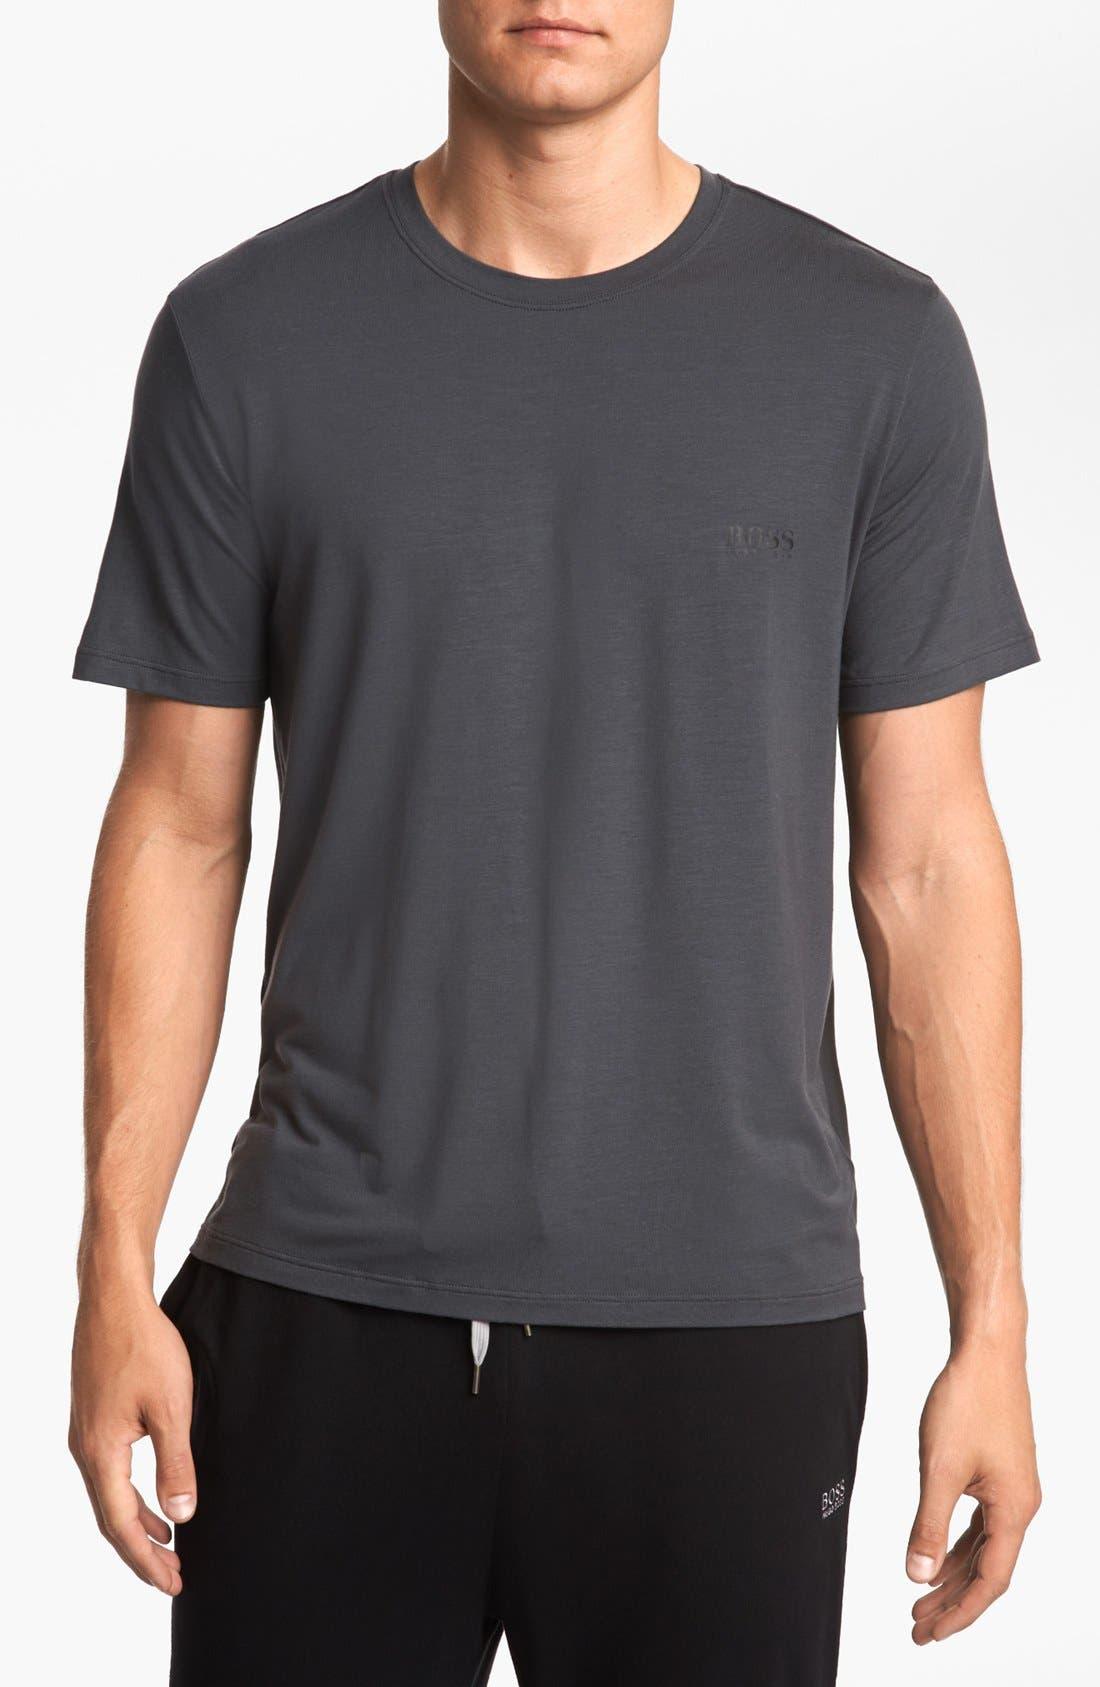 Alternate Image 1 Selected - BOSS HUGO BOSS 'Innovation 2' Short Sleeve T-Shirt